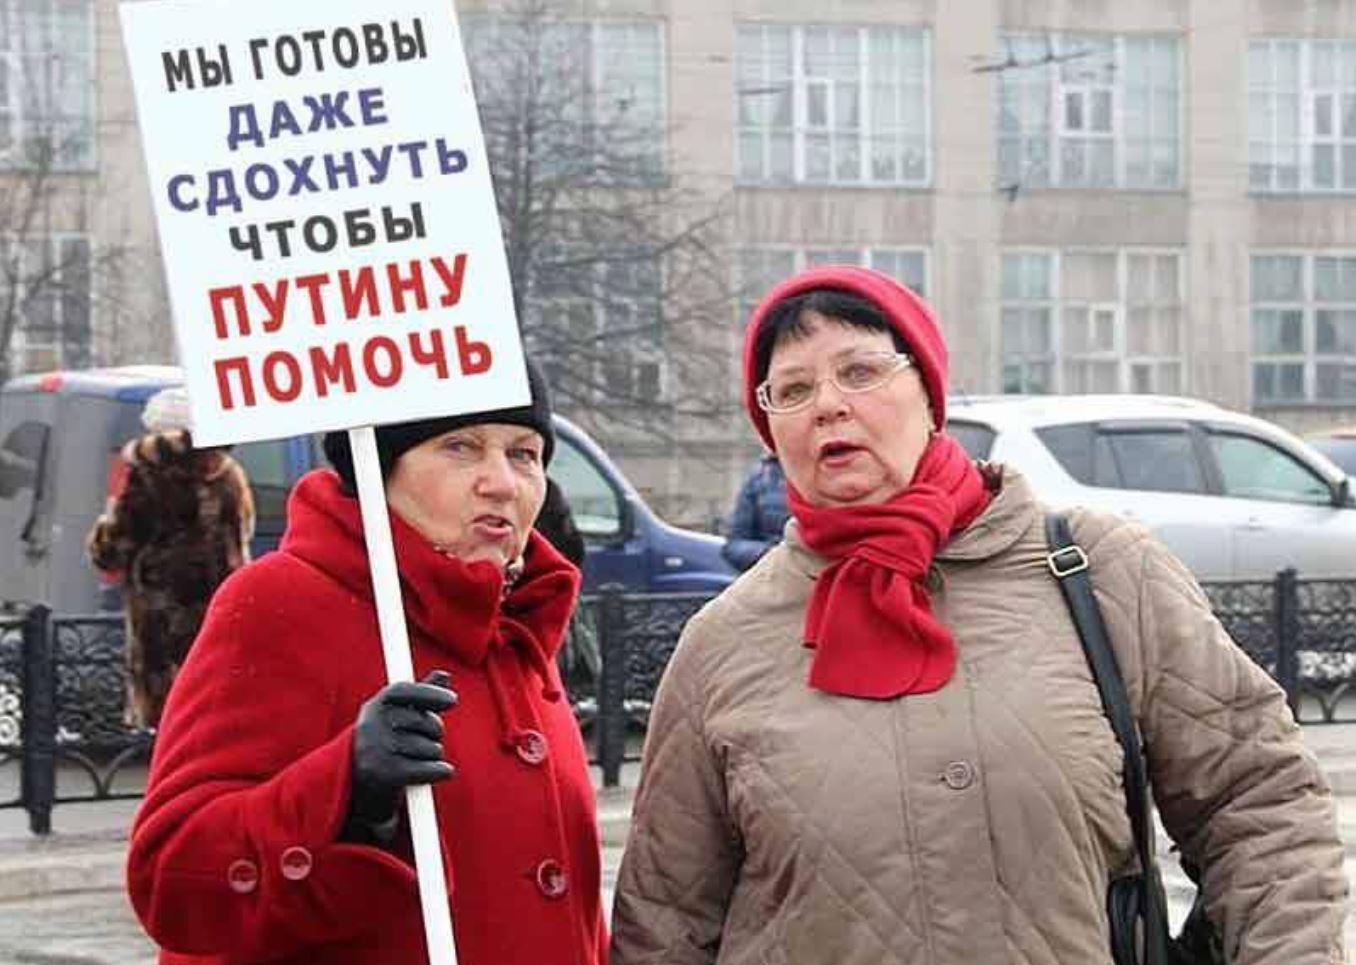 """""""Вирішив піти шляхом Іуди"""": поета Бившева в РФ засудили до 330 годин обов'язкових робіт за вірш про Україну - Цензор.НЕТ 9423"""